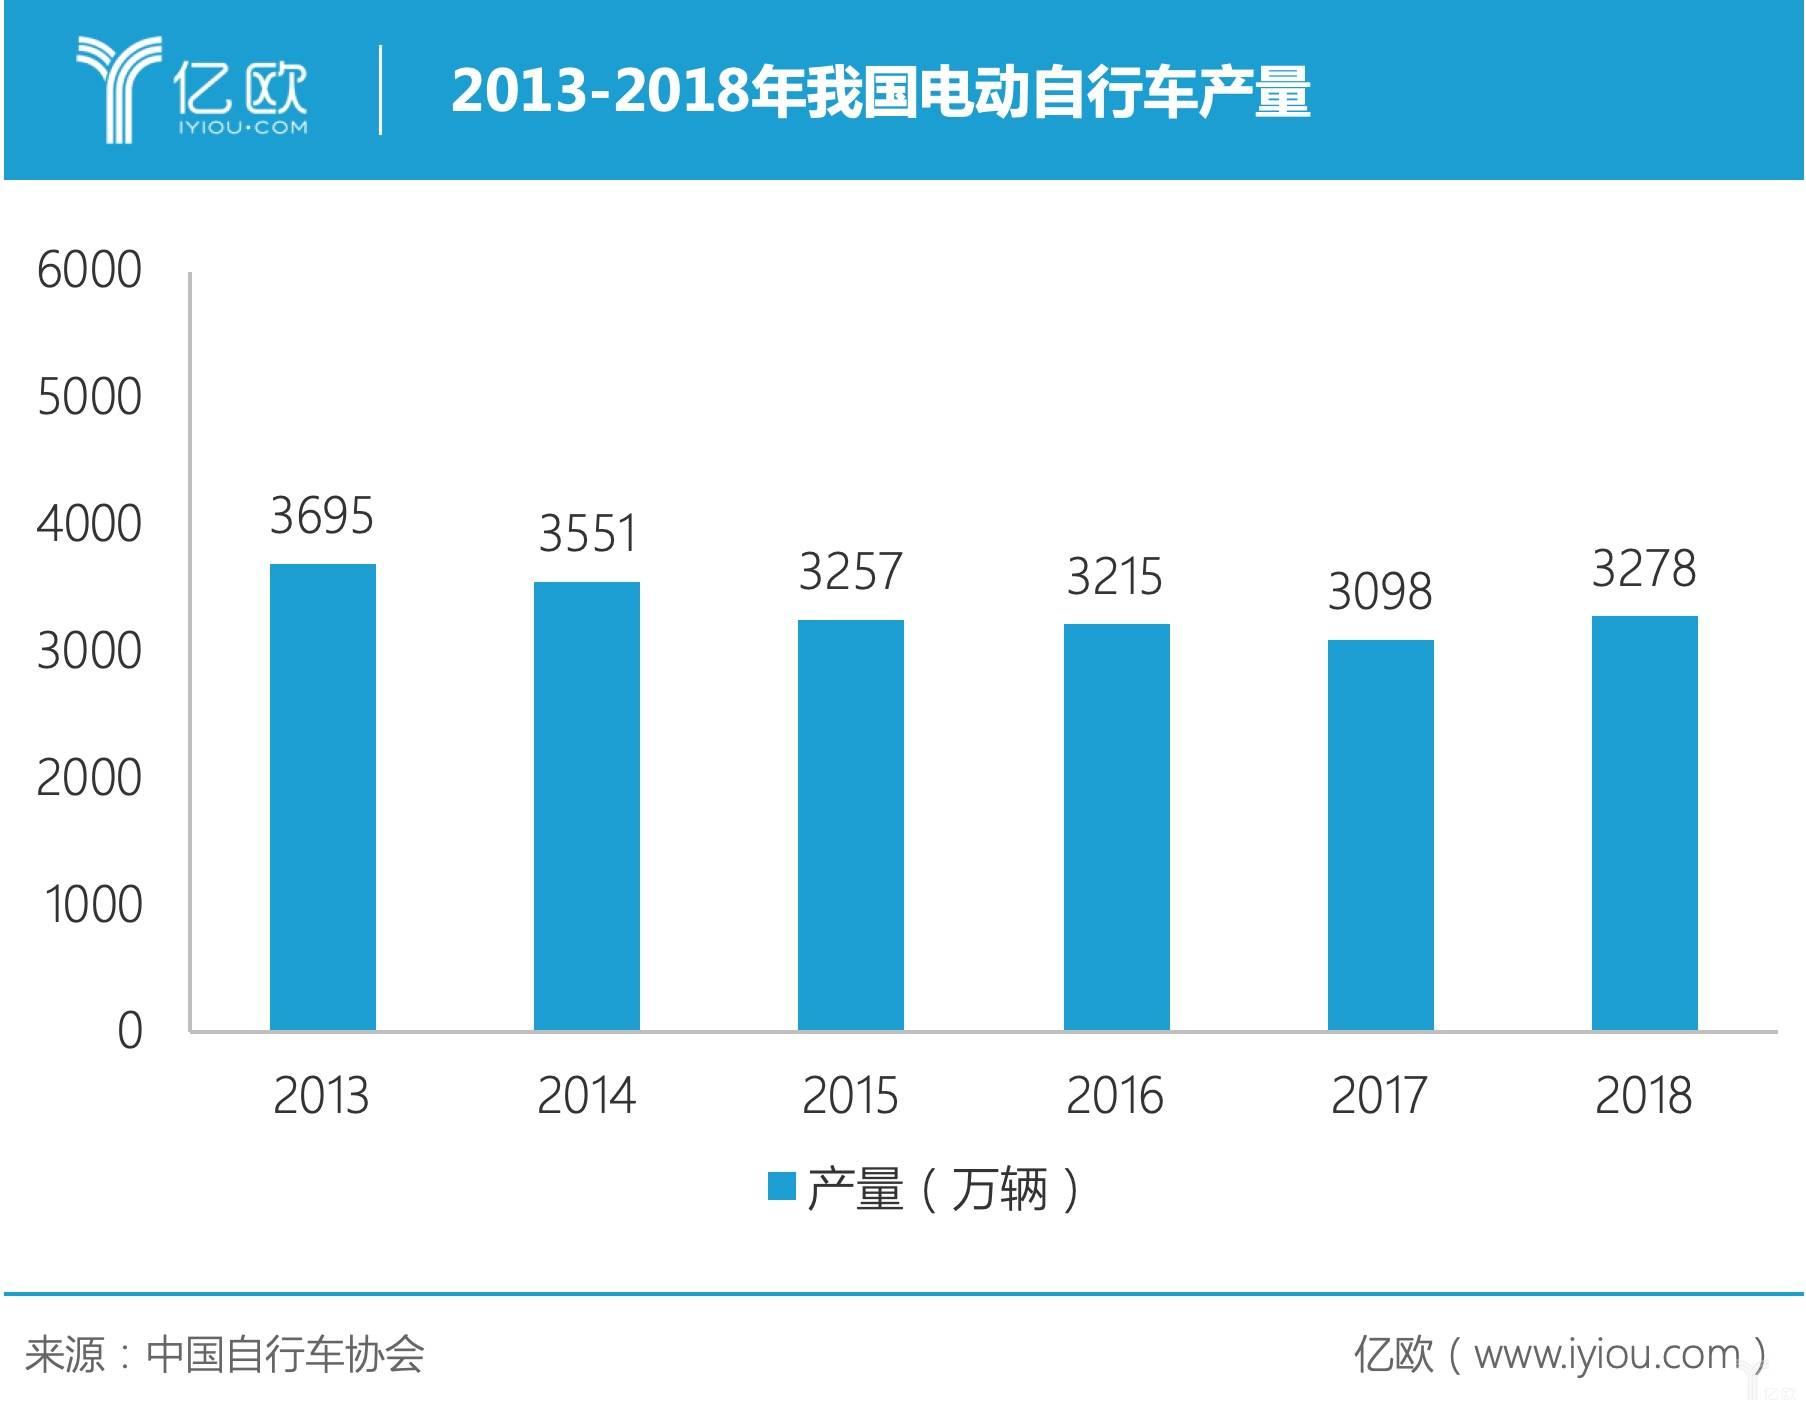 2013-2018年我国电动自行车产量